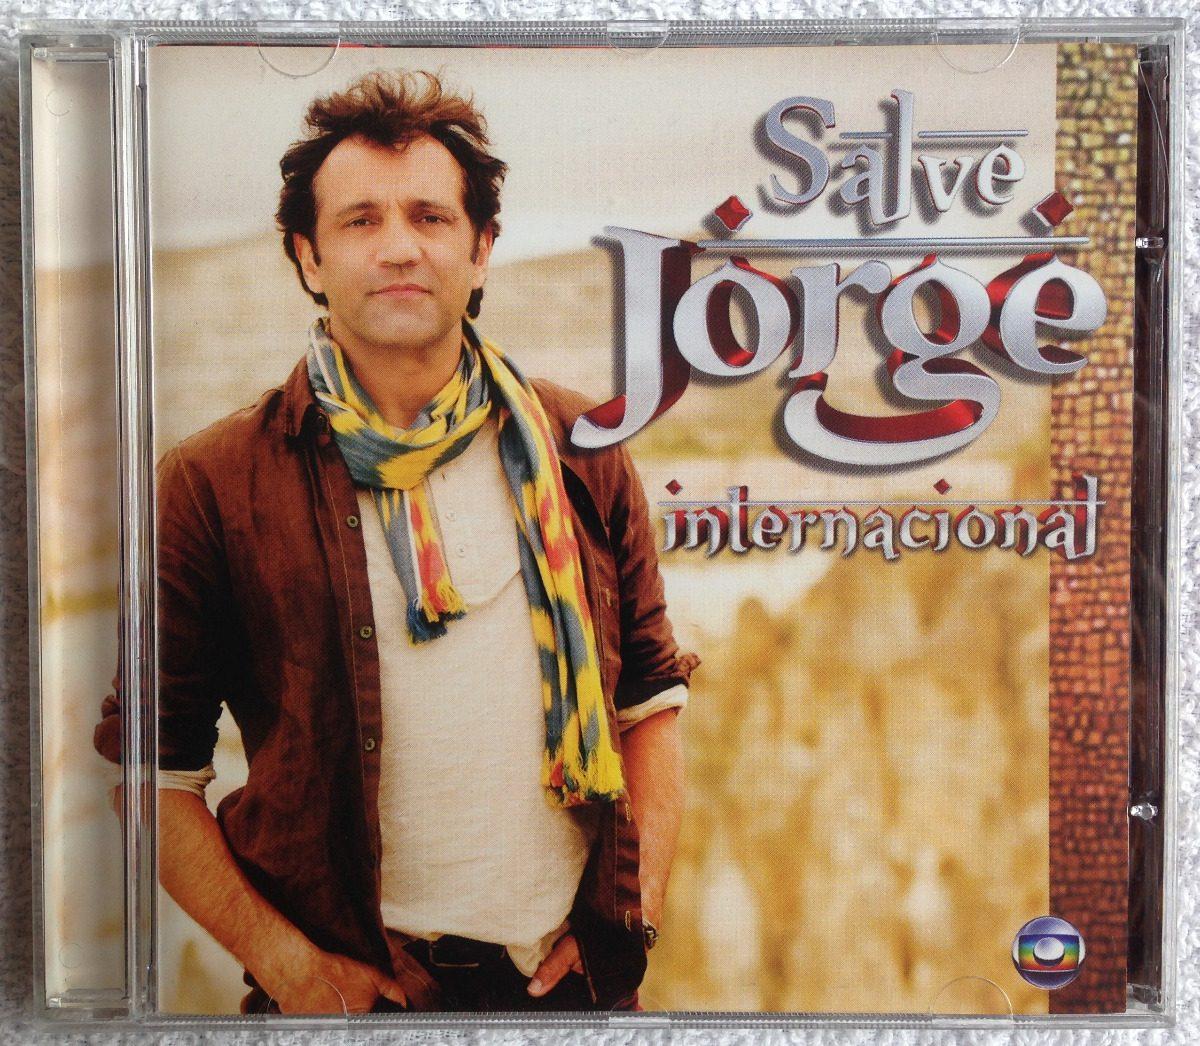 trilha sonora de salve jorge internacional 2013